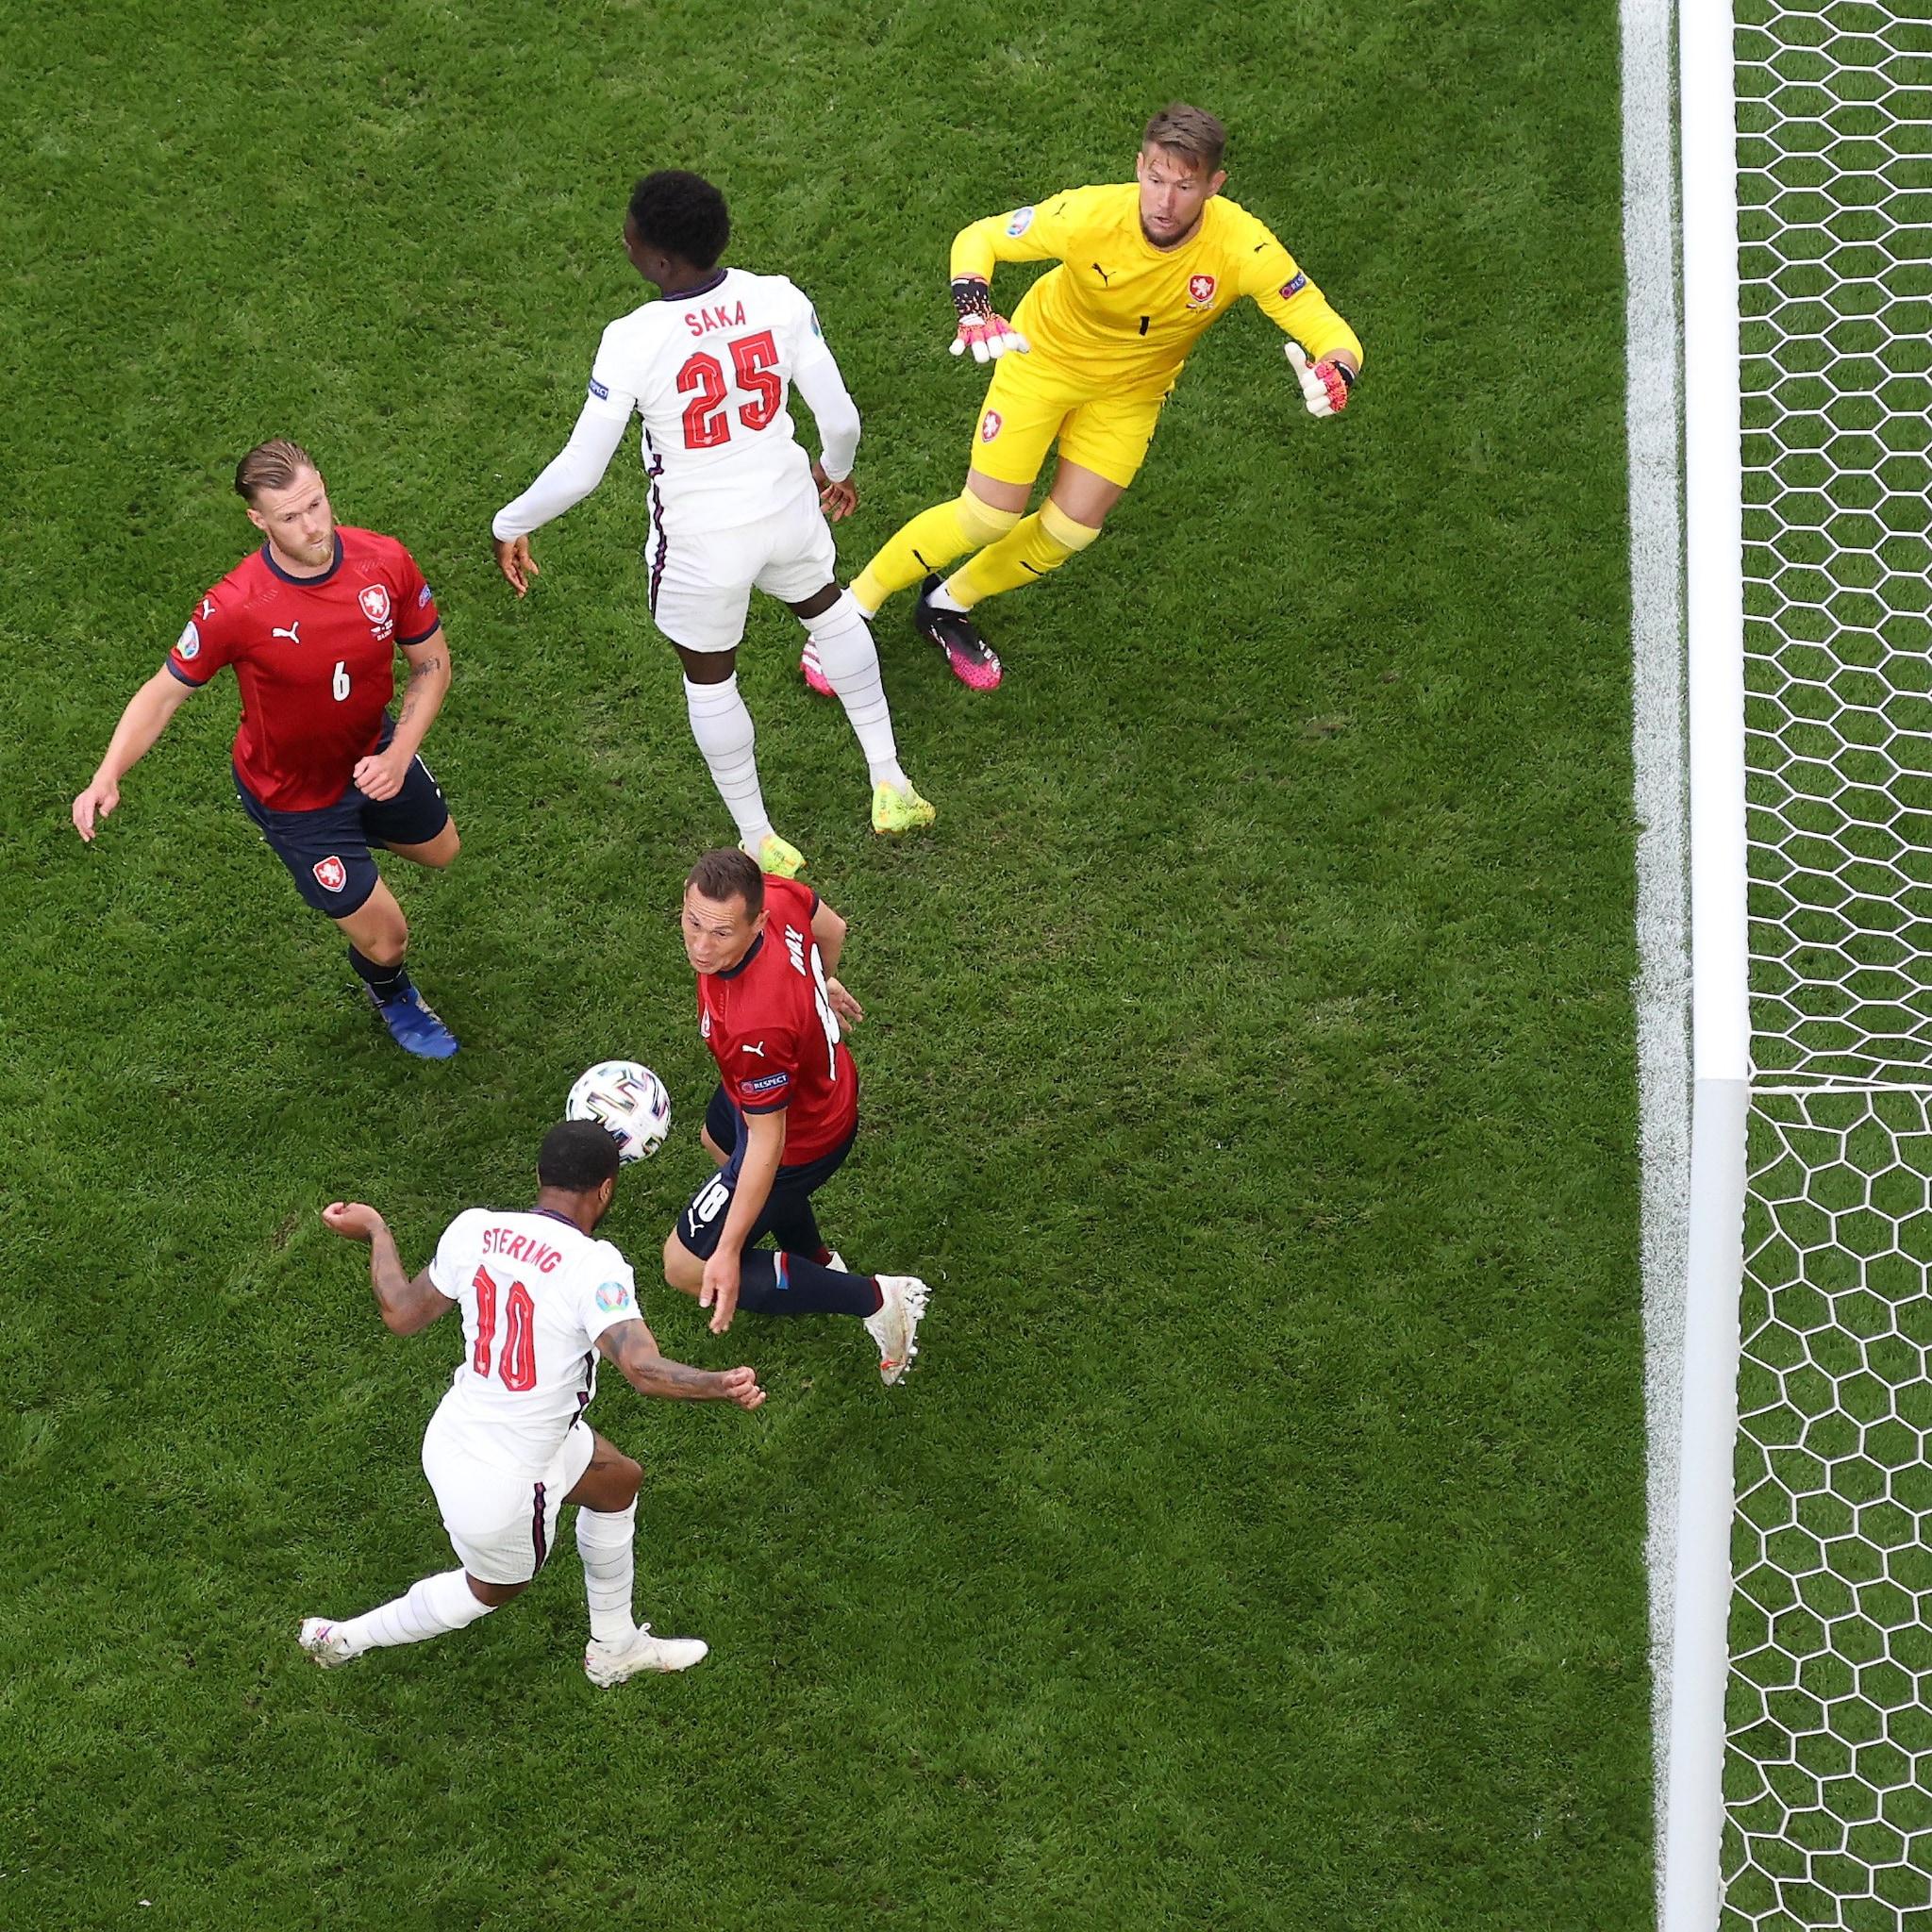 Photo Courtesy: UEFA EURO 2020